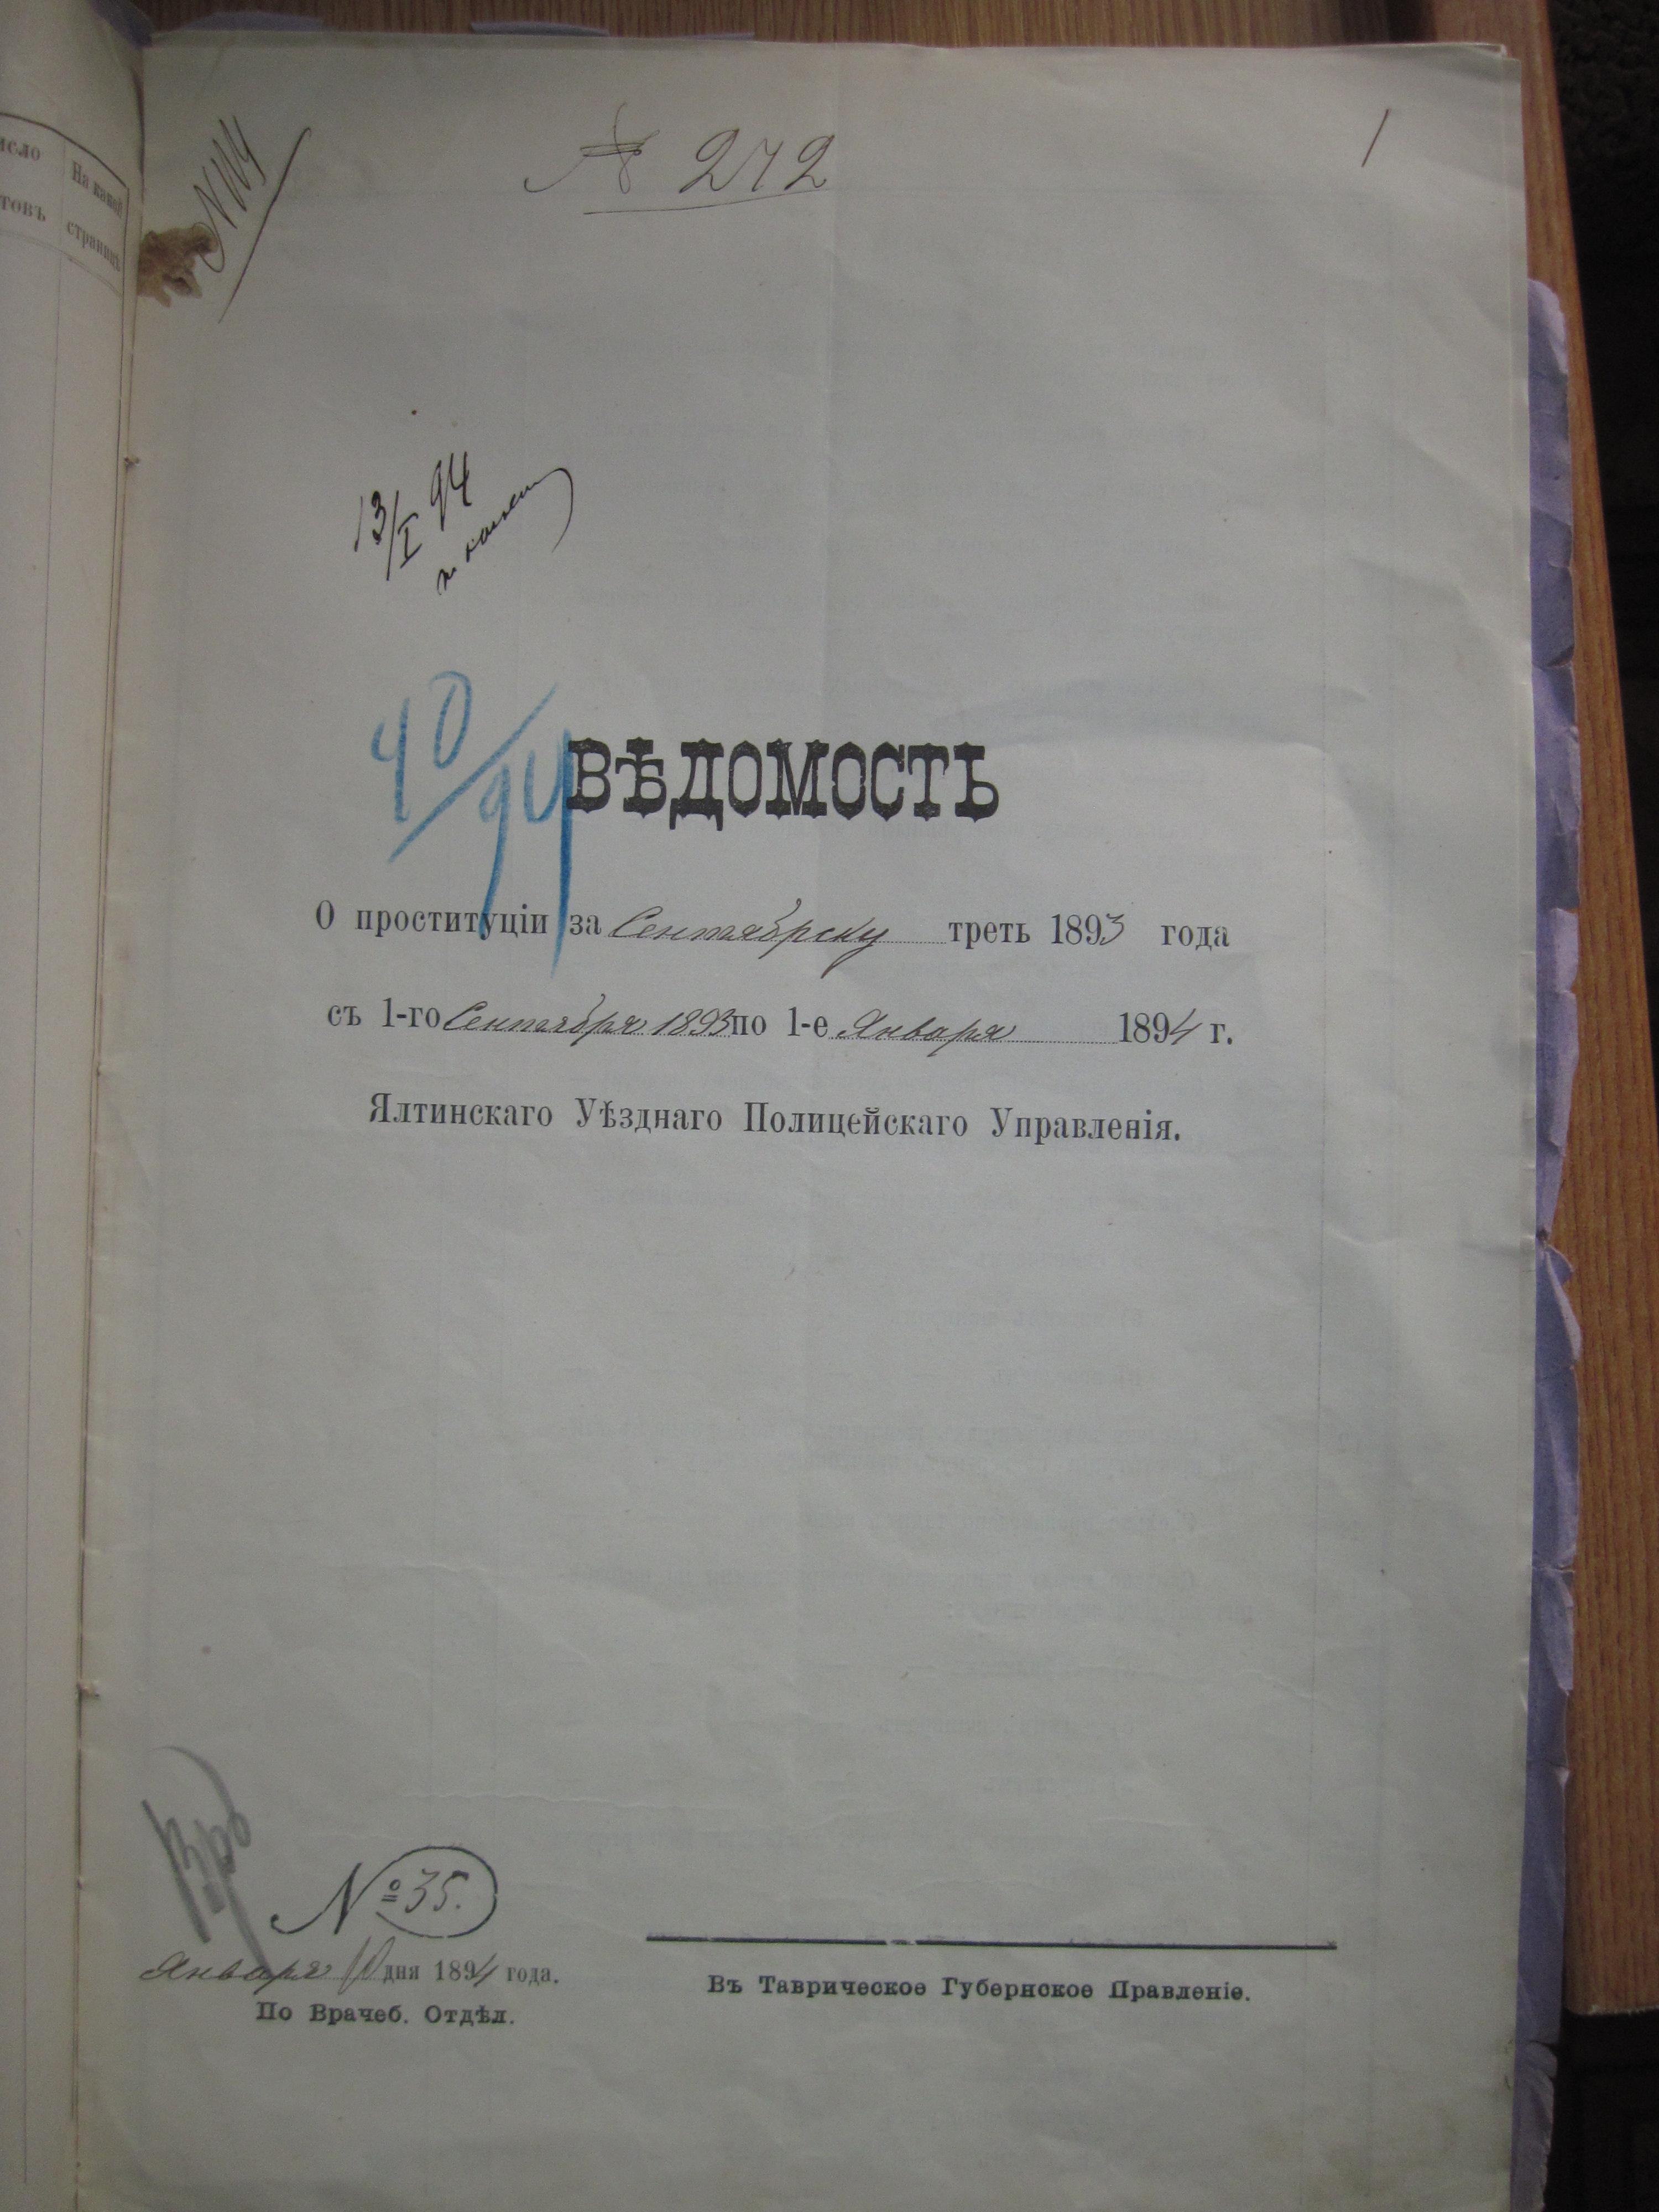 www krymenergo com юридические лица бланки